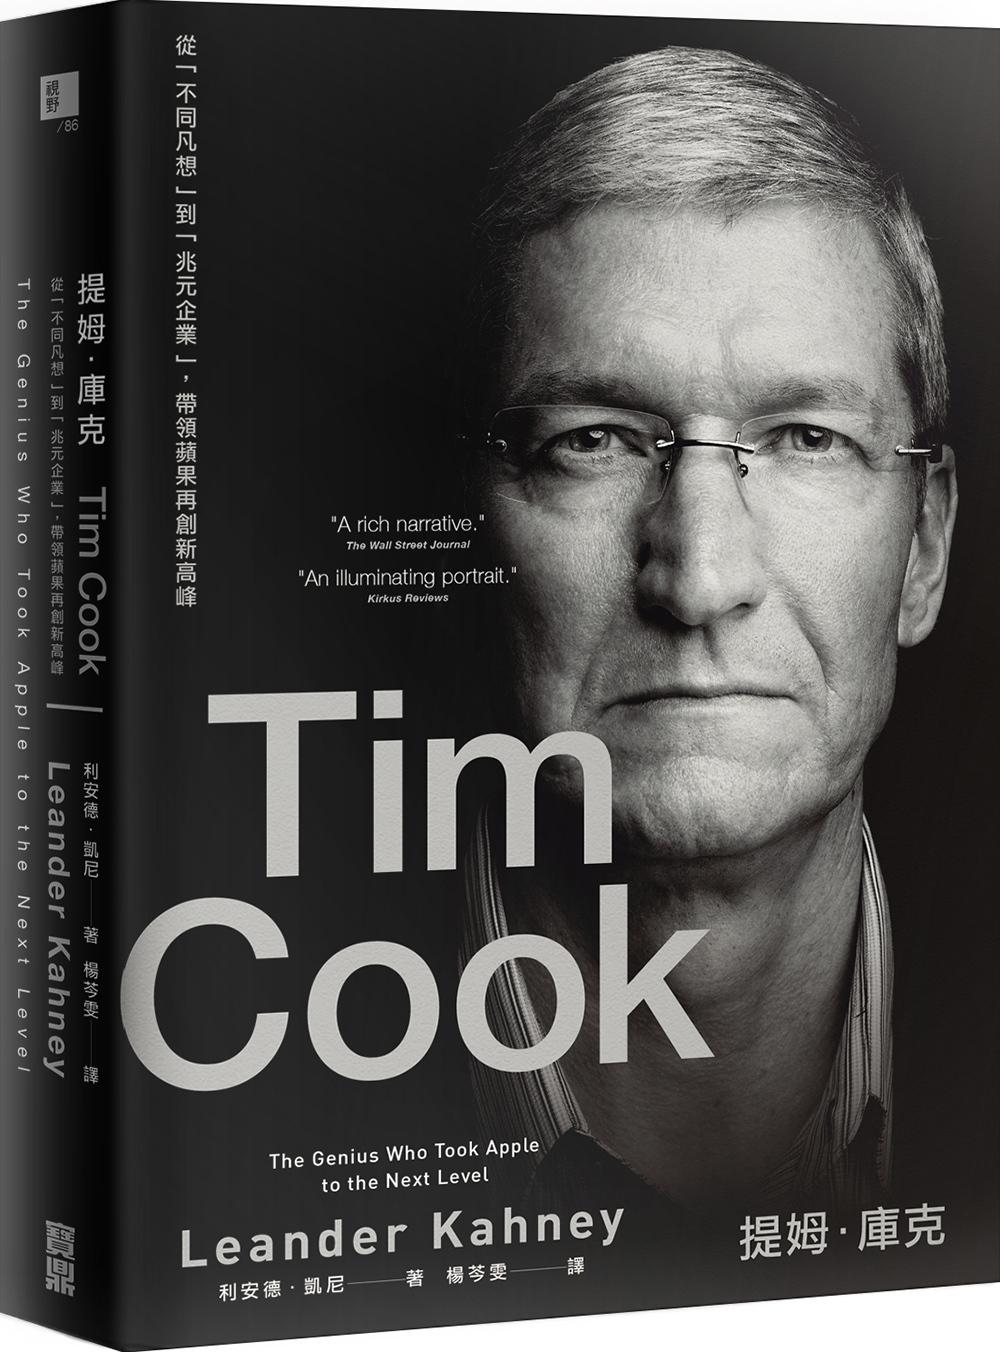 提姆.庫克:從「不同凡想」到「兆元企業」,帶領蘋果再創新高峰